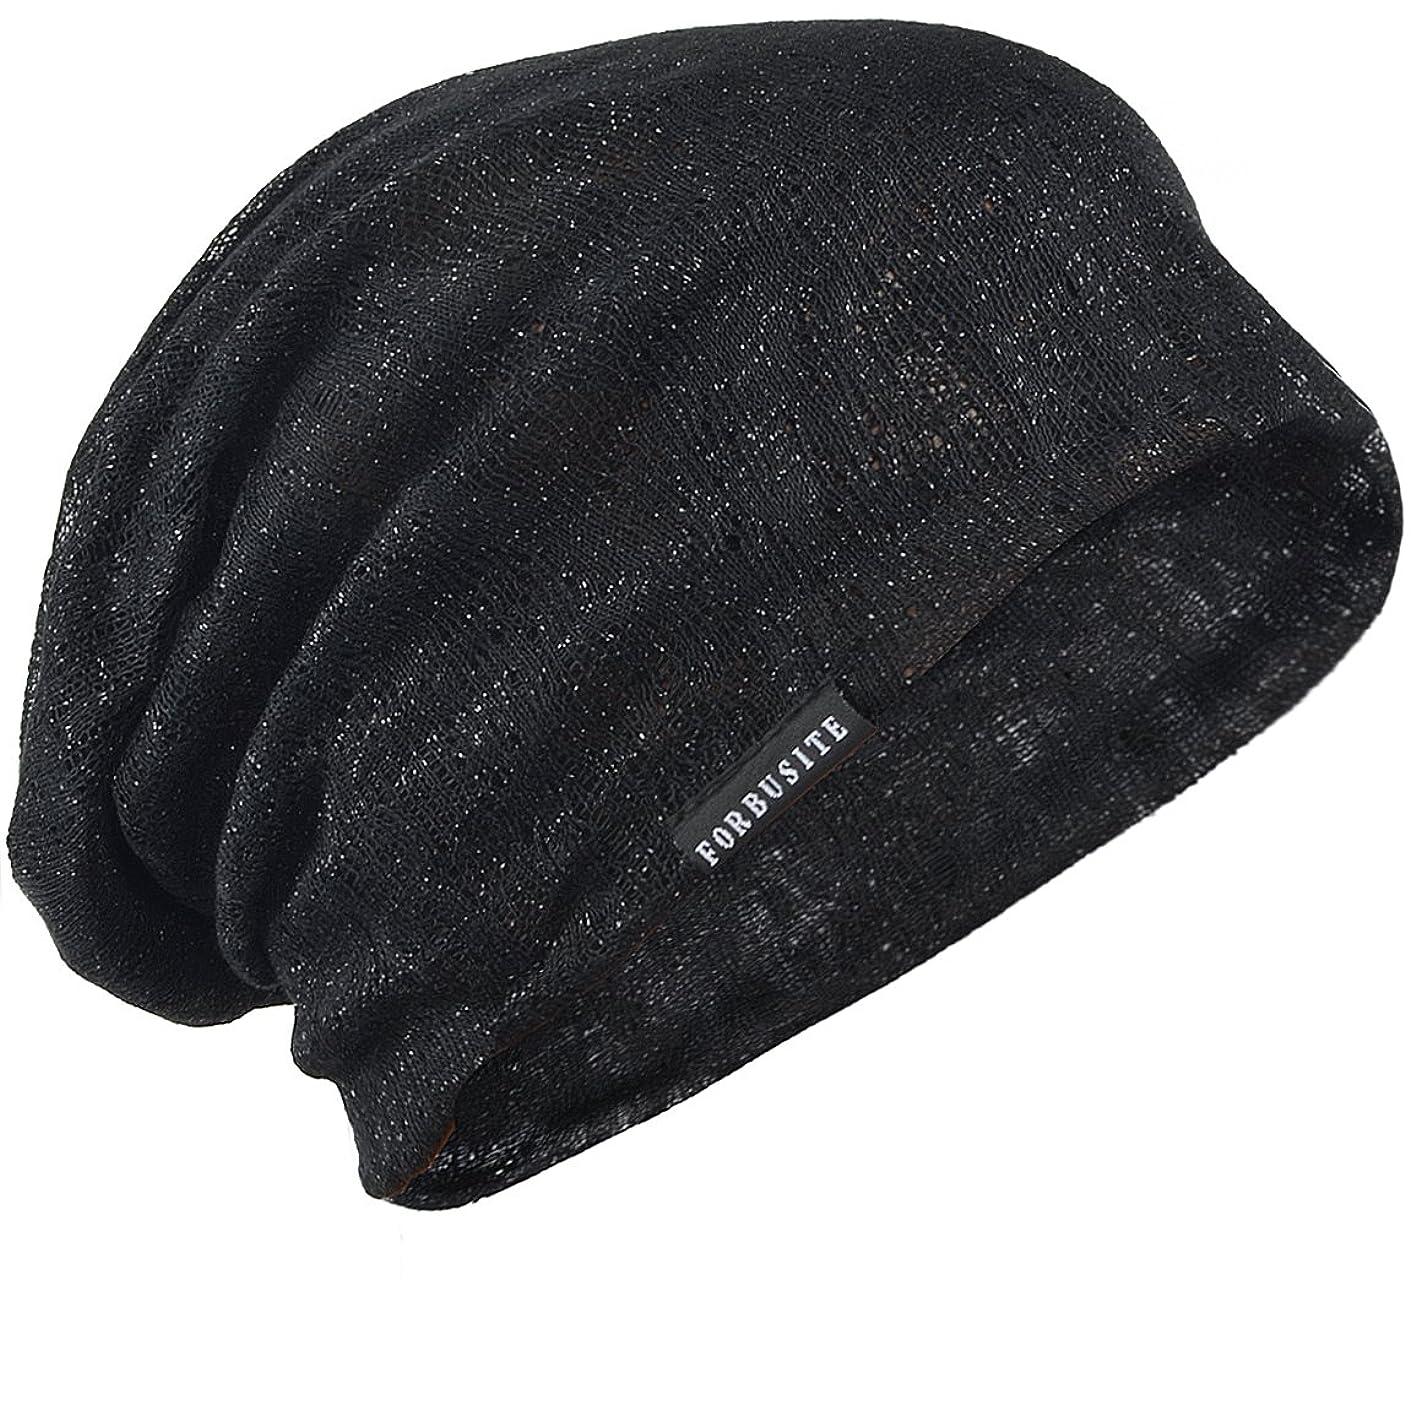 庭園ジョージバーナード有毒なニット帽 メンズ 夏用 大きいサイズ ゆるシルエットのニットキャップ 薄手 通気性 B092